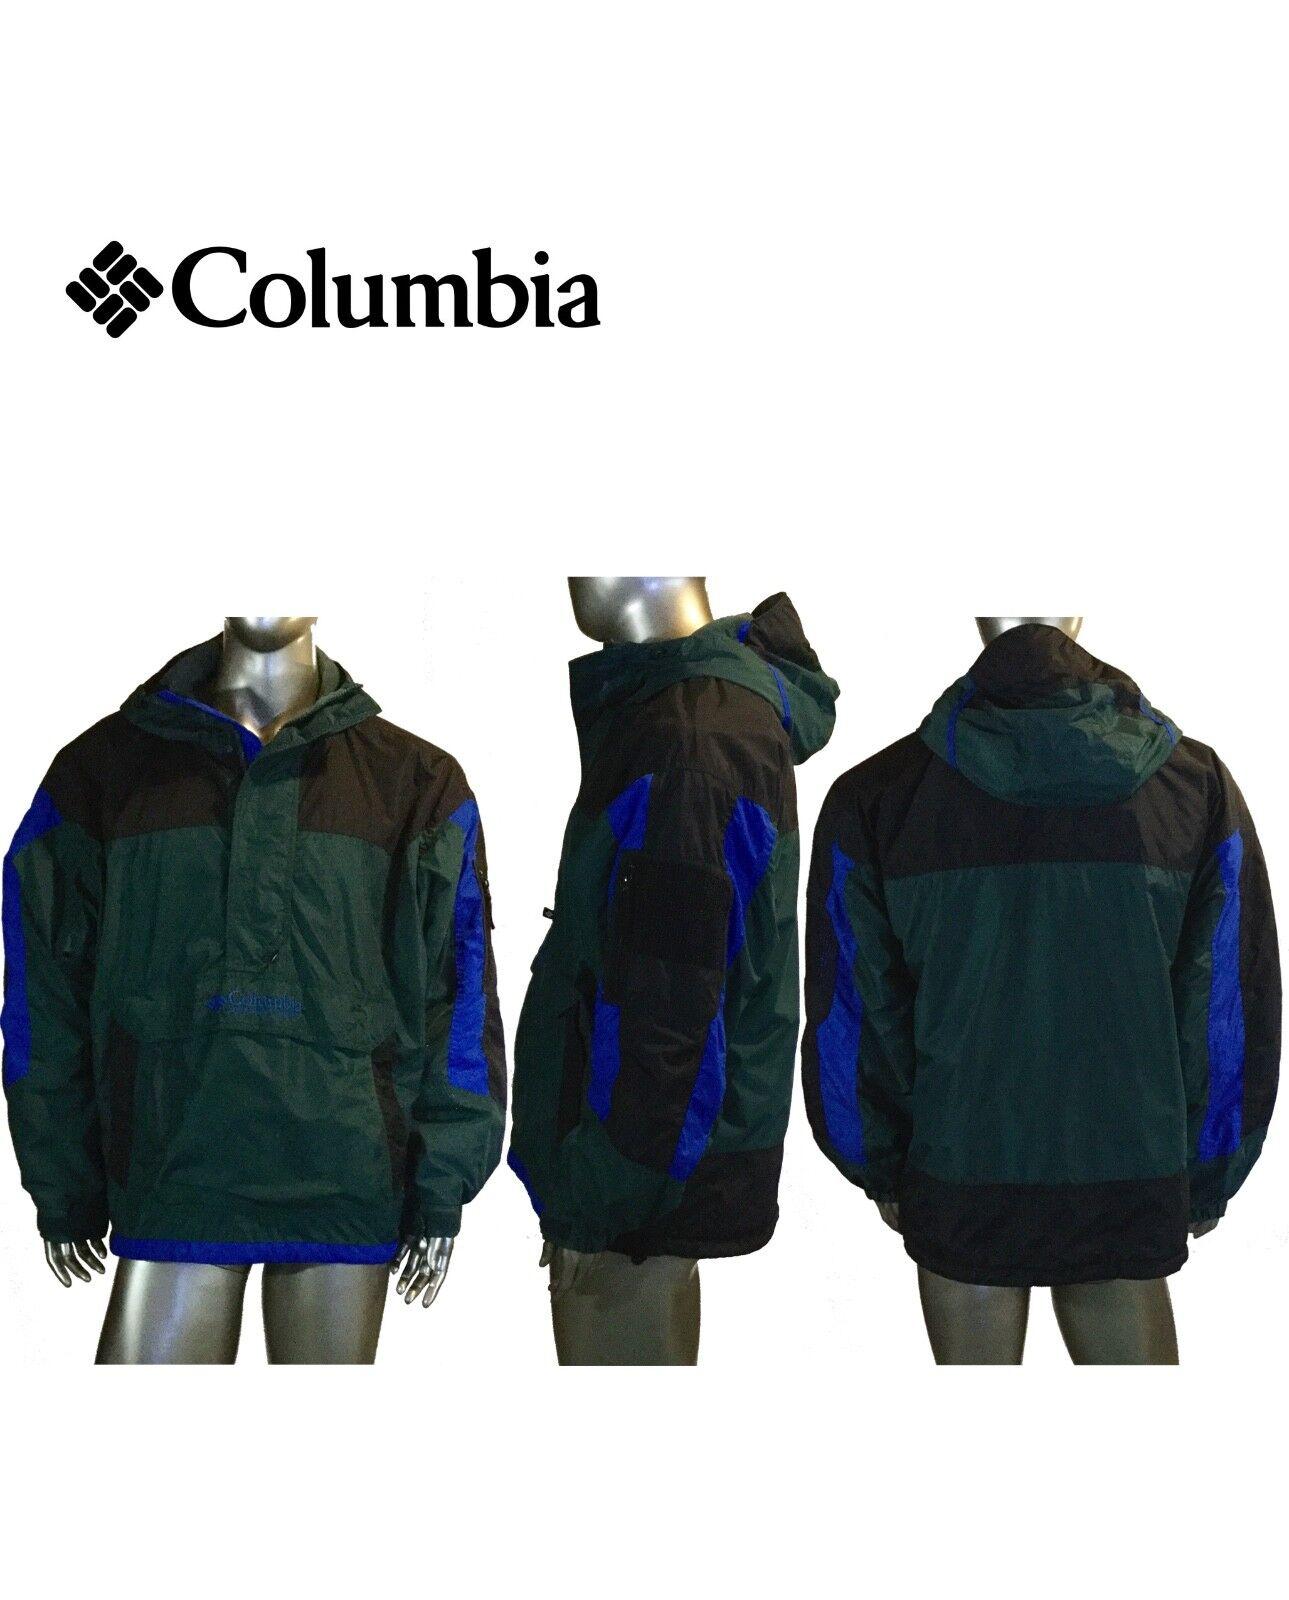 Vintage Columbia Maglione Giacca, con Fodera in Pile, Anni 90 90 Anni Uomo L, 9f4700